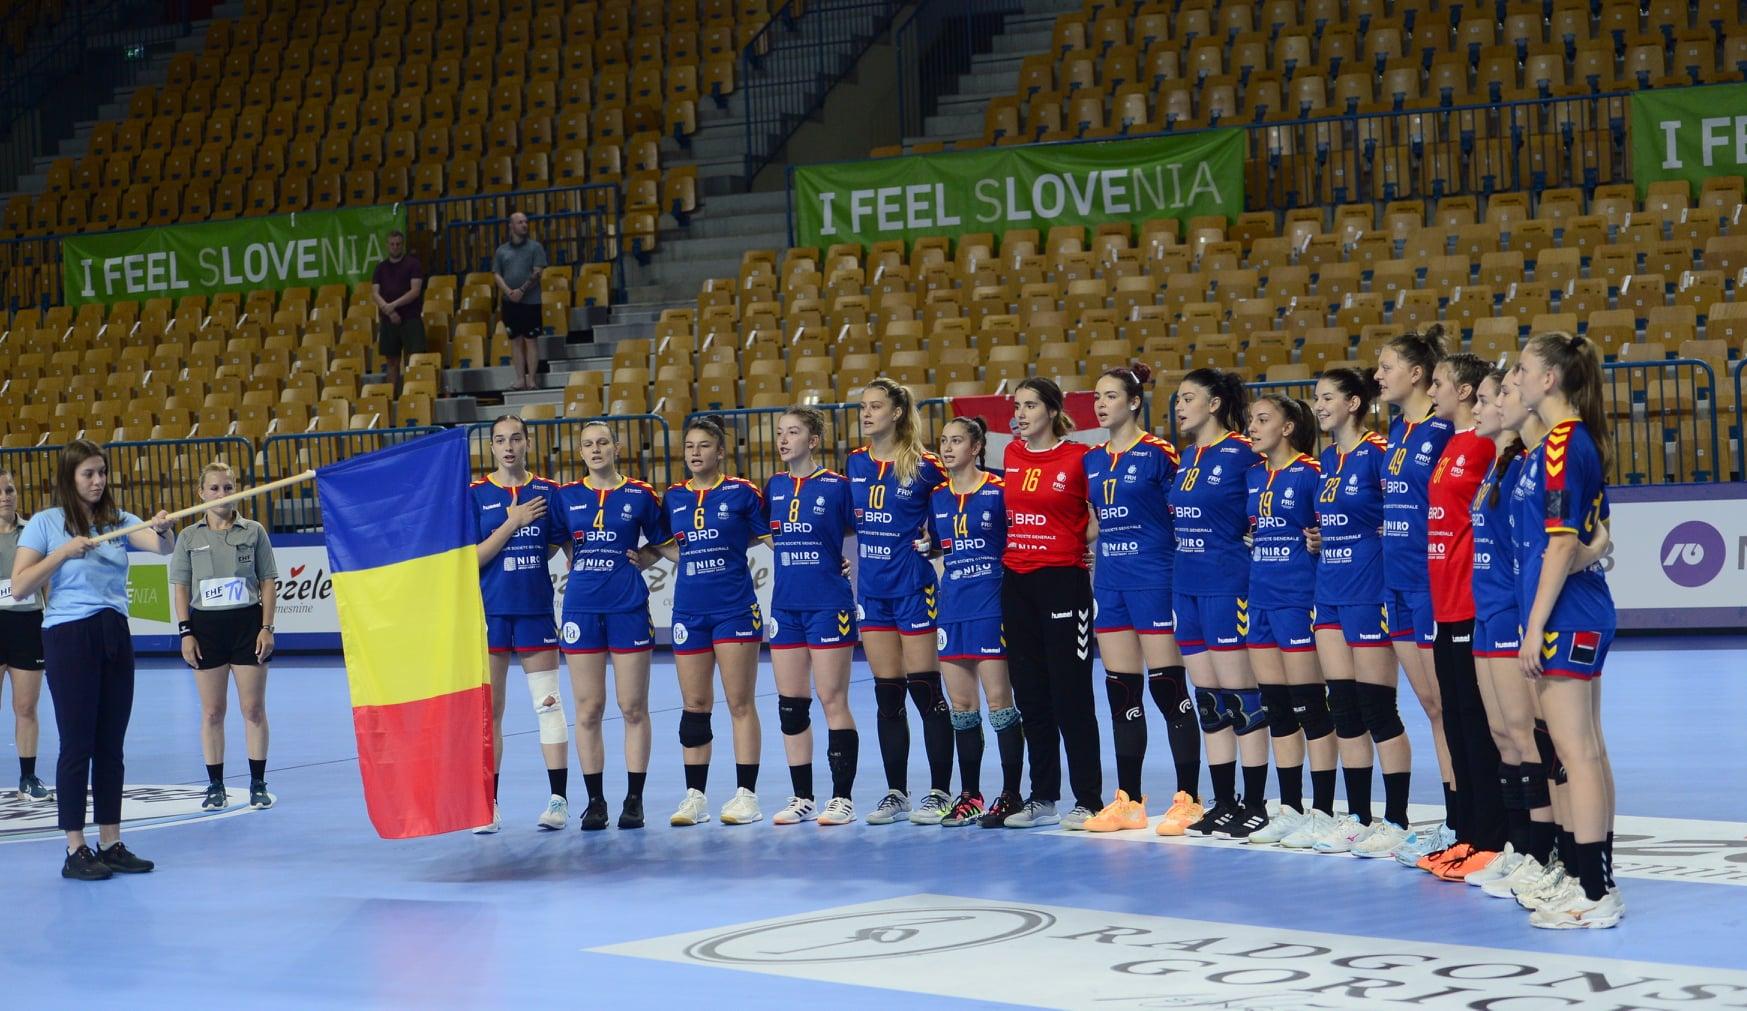 România a terminat pe locul 5 la Europenele U19 din Slovenia